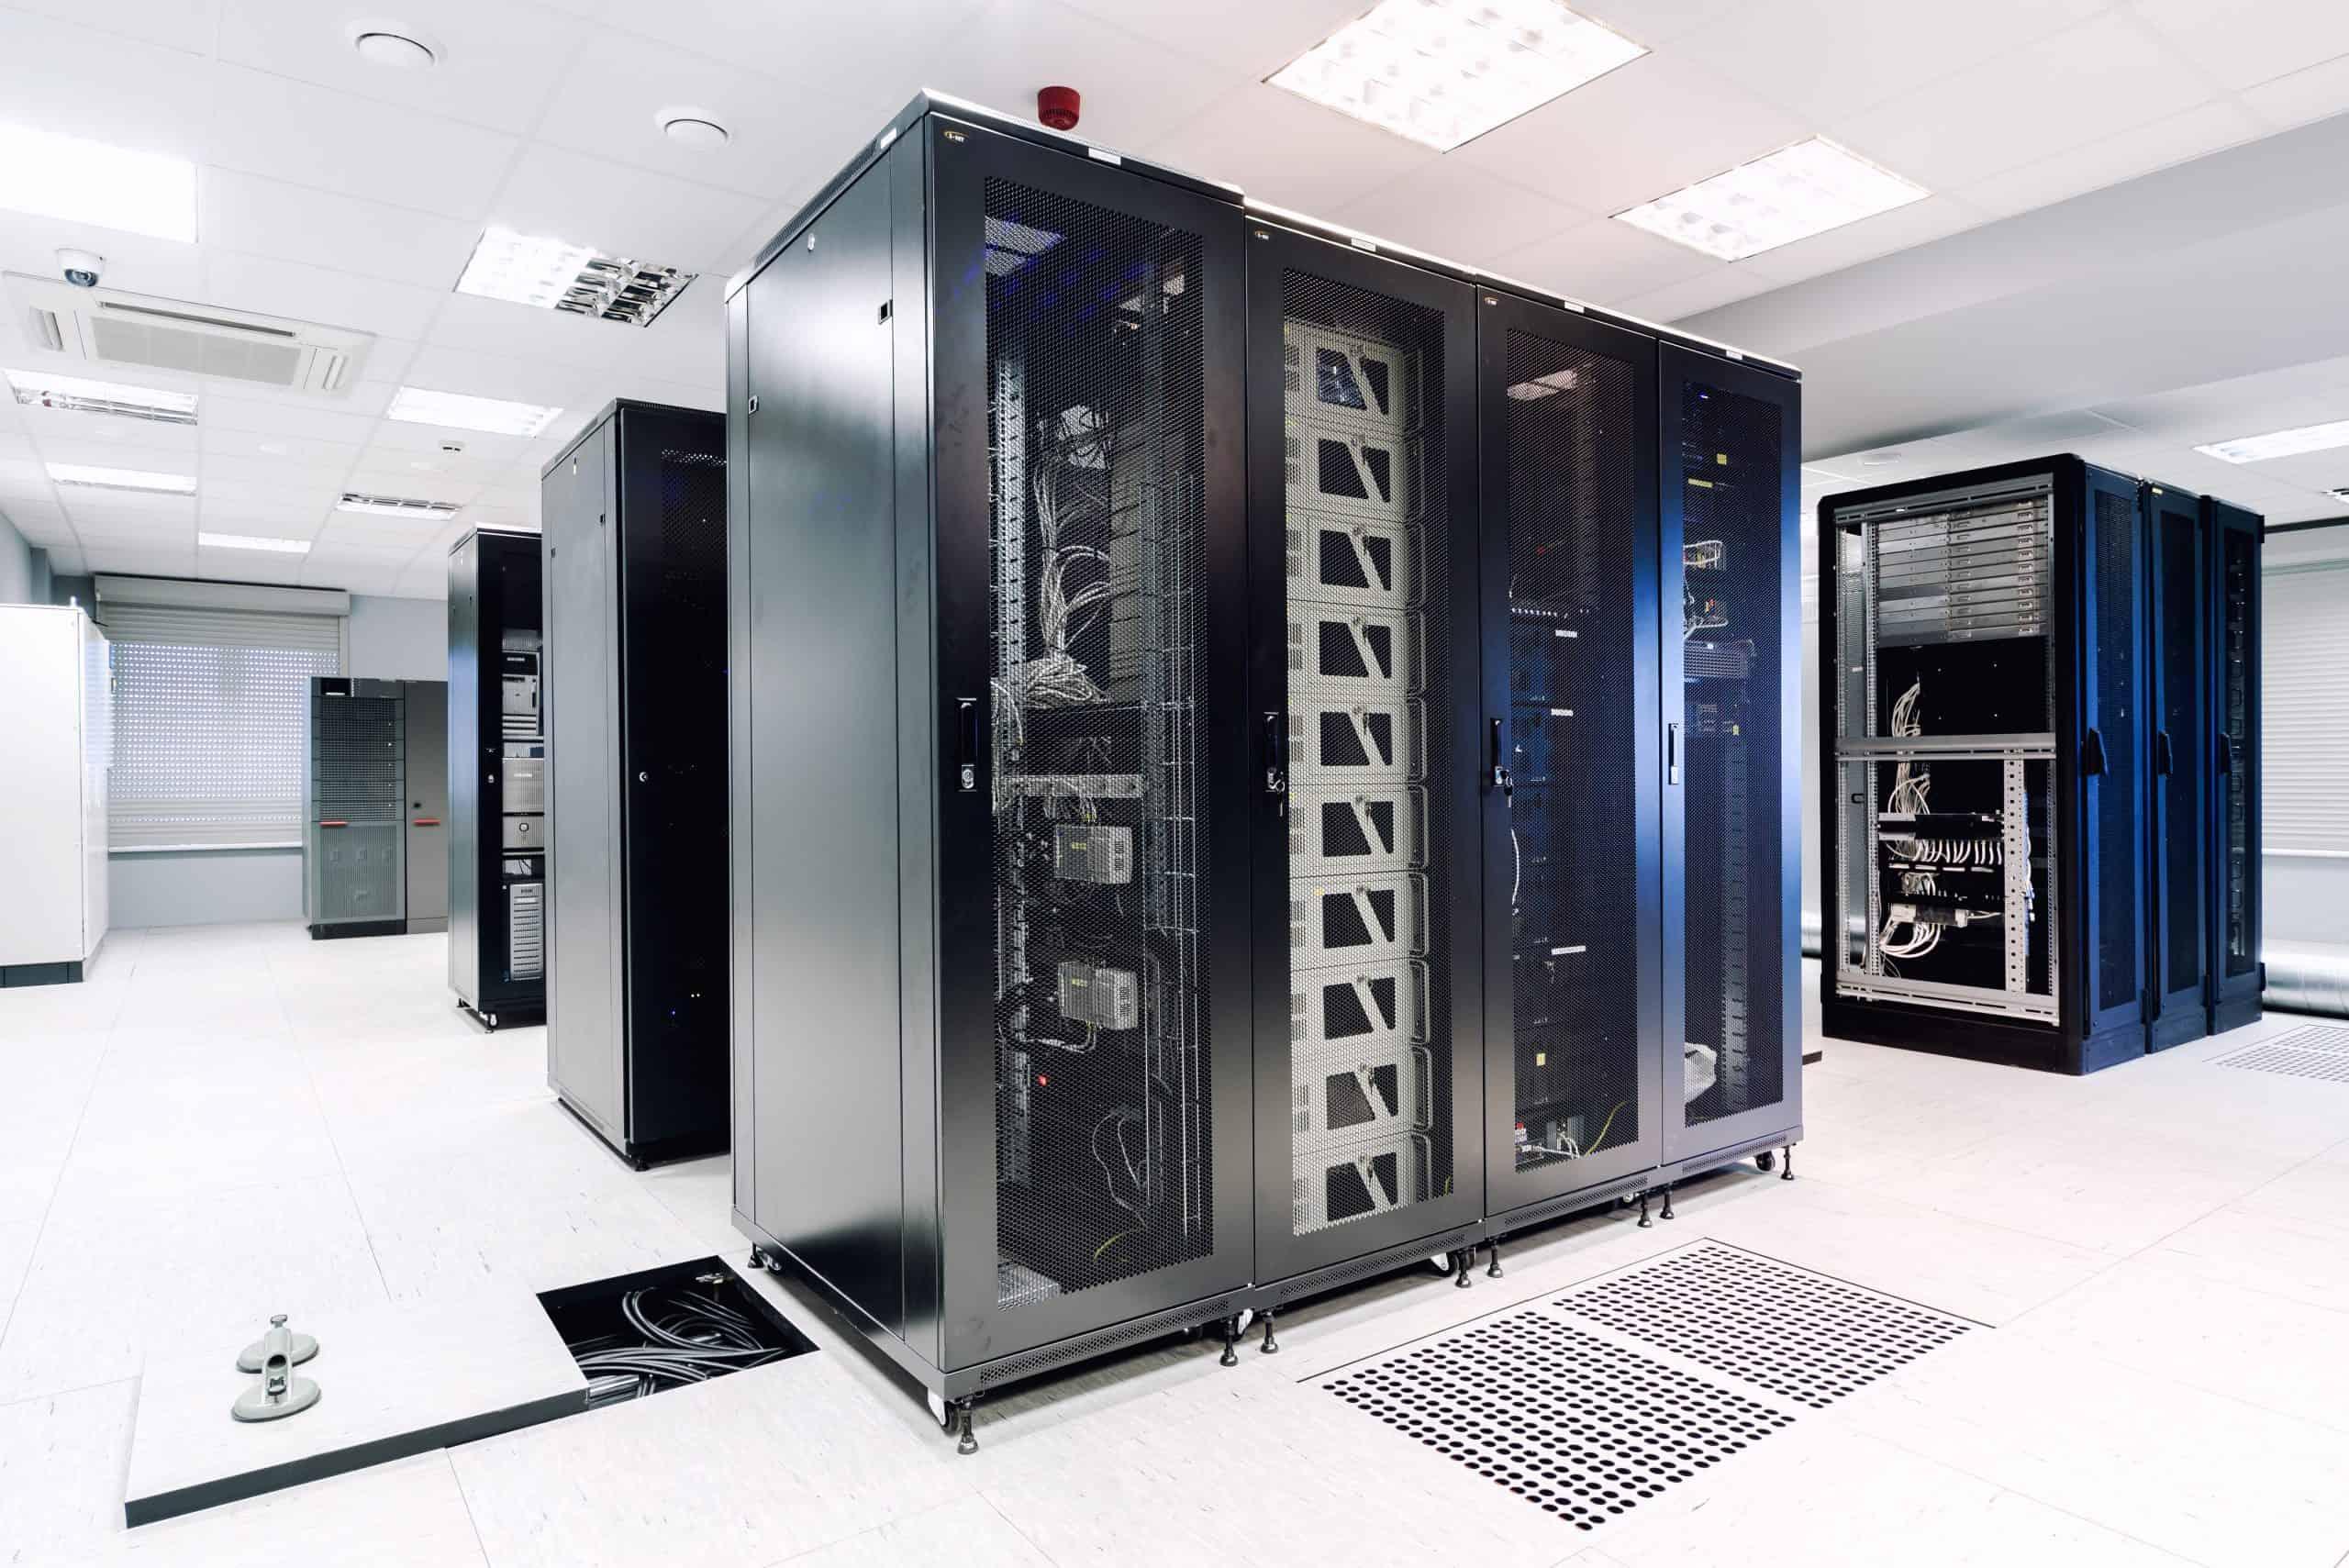 Inside server room